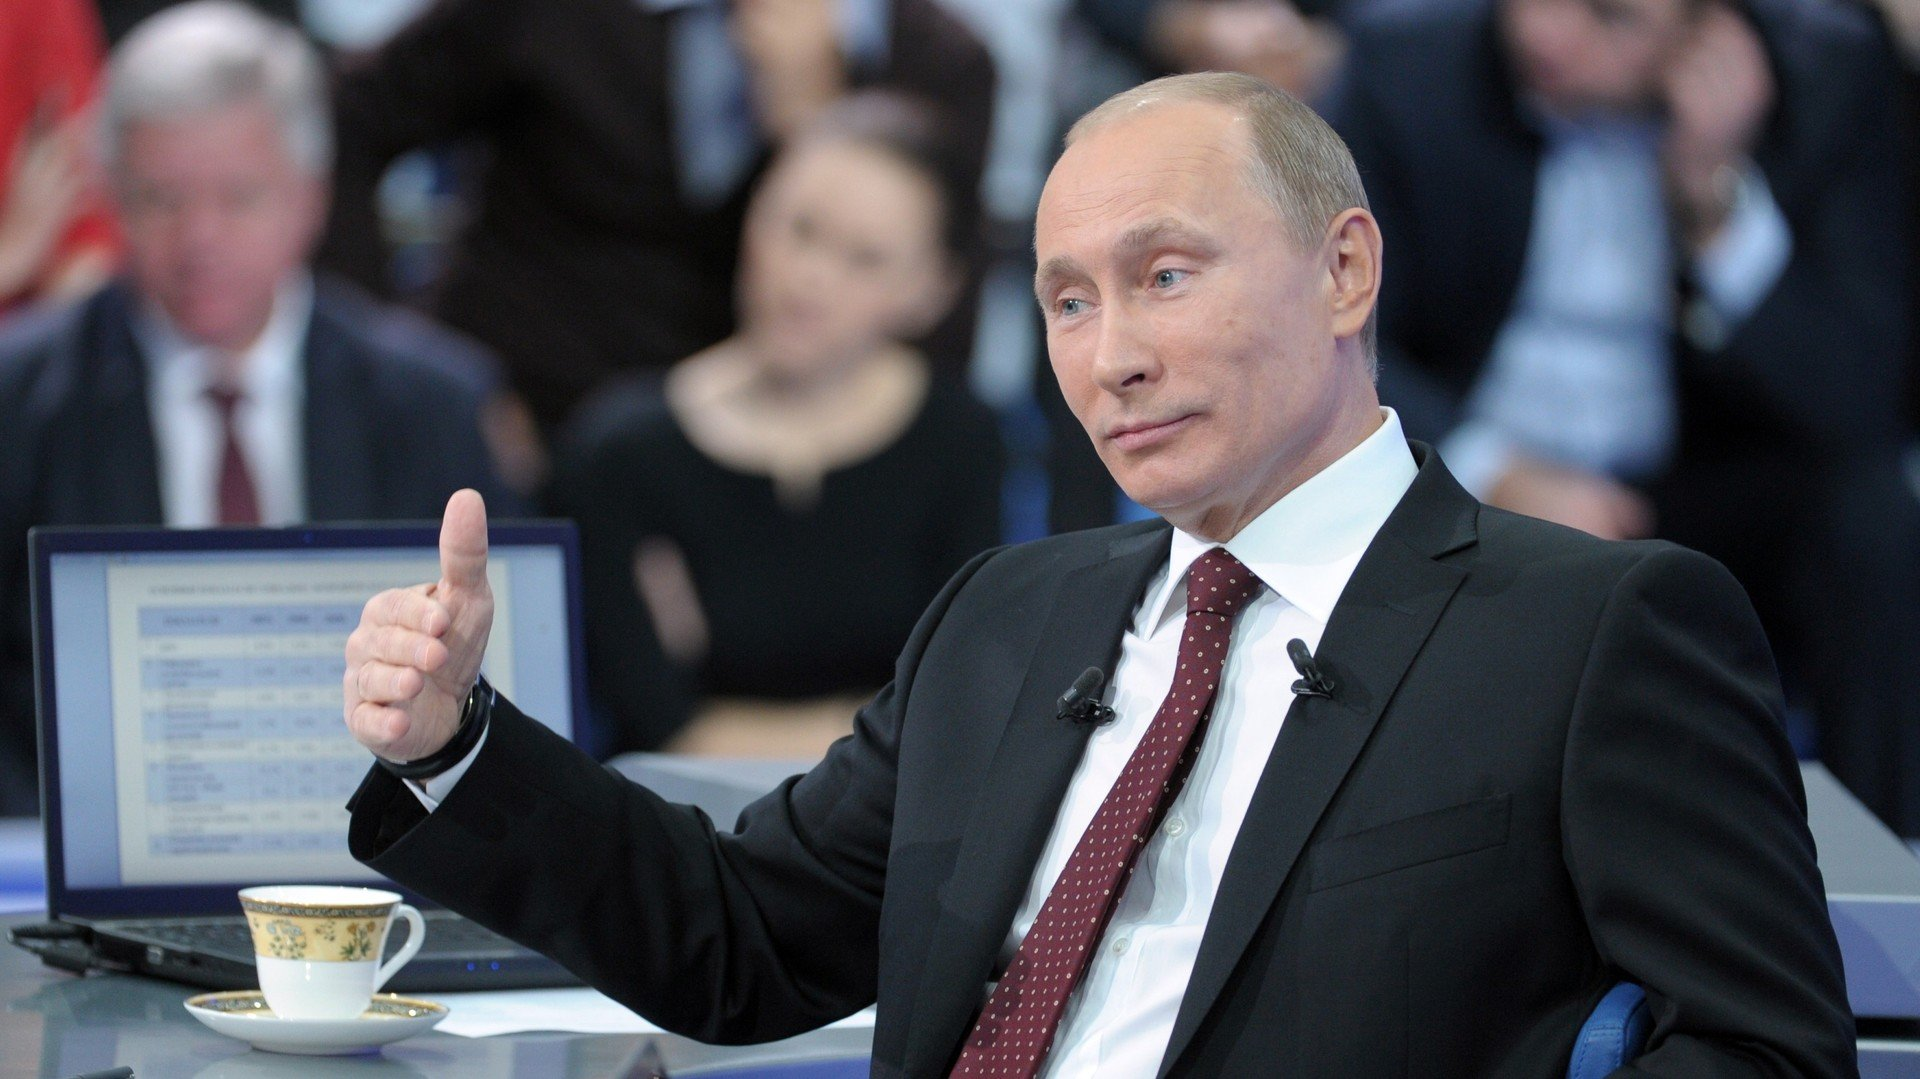 Vladimir Poutine au cours du marathon annuel de questions-réponses, 15 décembre 2011